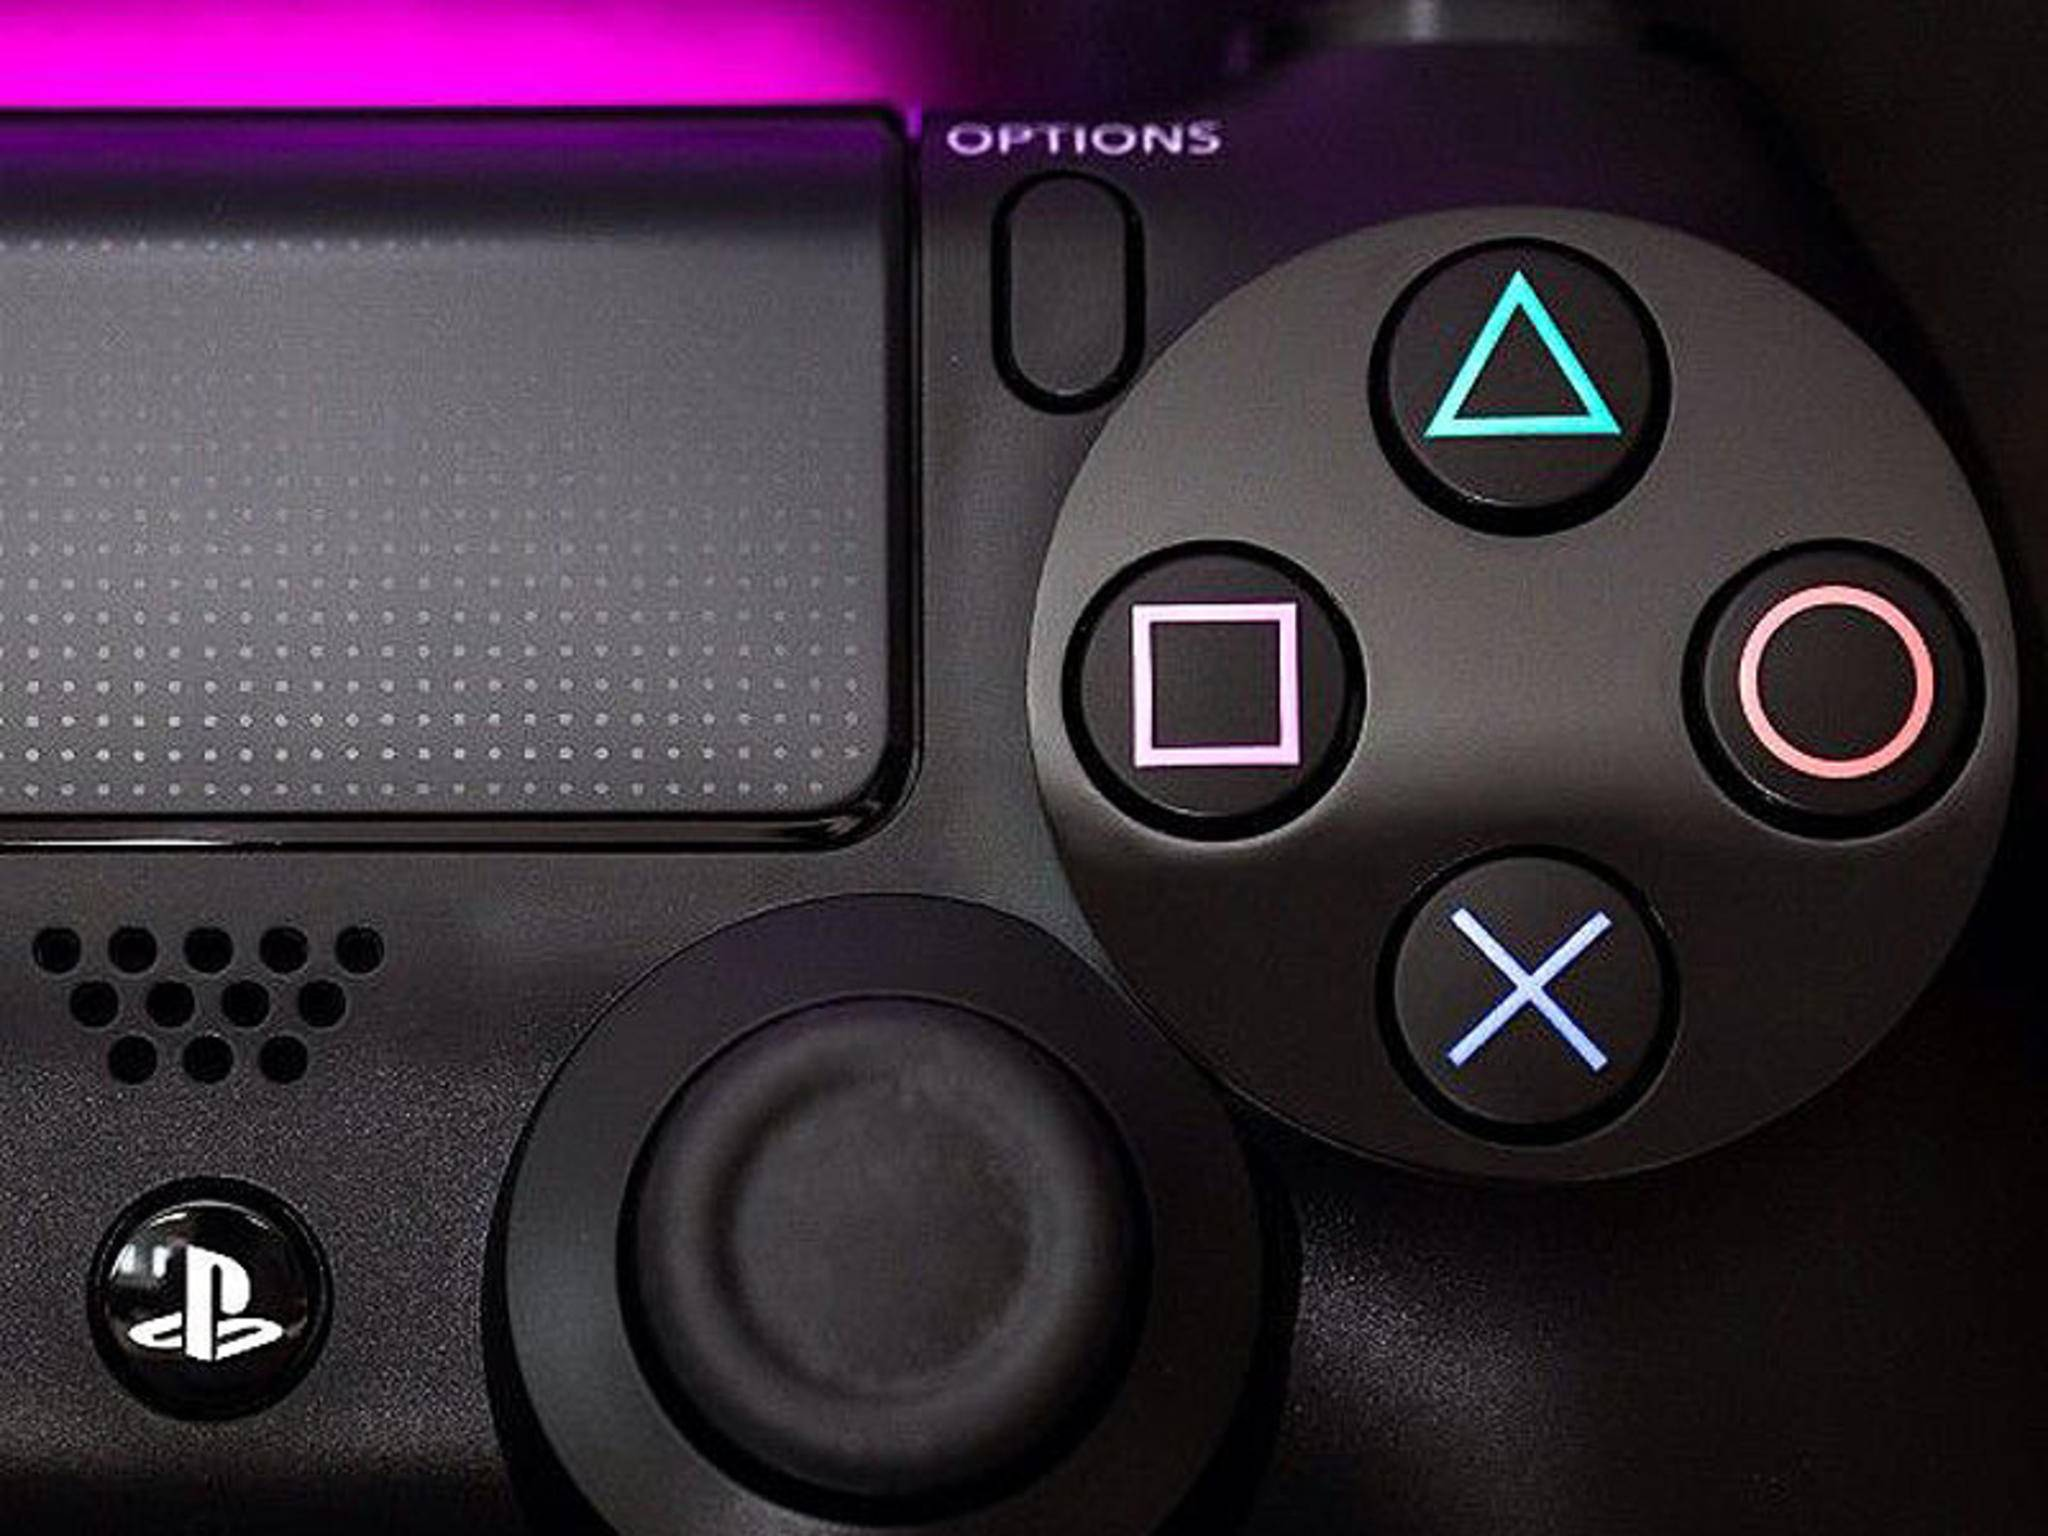 Arbeitet Sony an einer Slim-Variante der PlayStation 4?